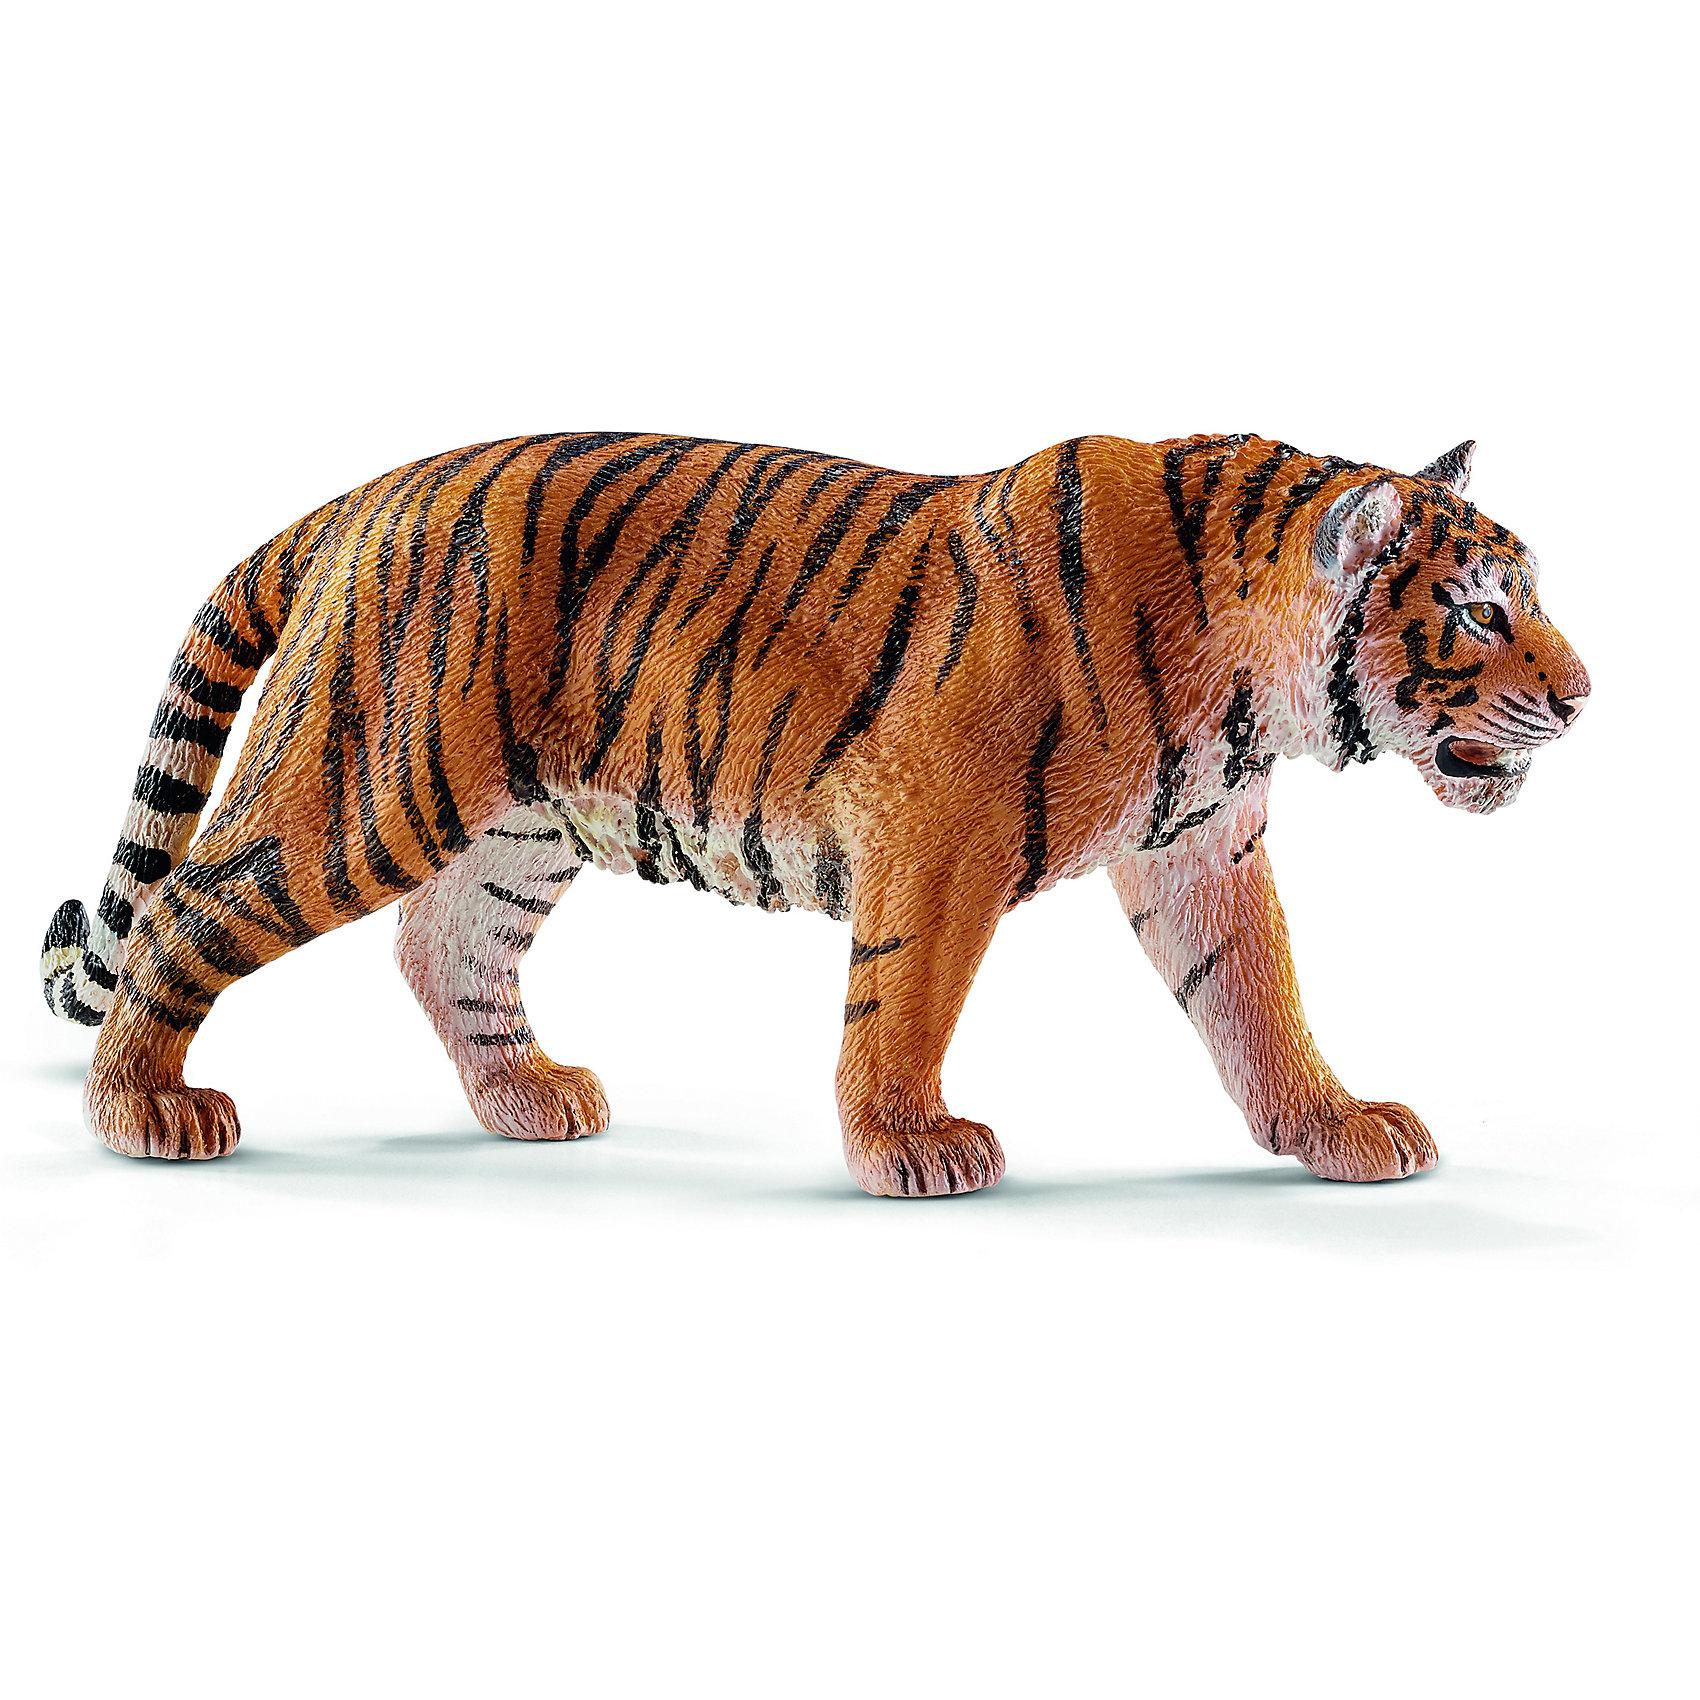 Тигр, SchleichТигр, Schleich (Шляйх) – это высококачественная коллекционная и игровая фигурка.<br>Фигурка Тигра прекрасно разнообразит игру вашего ребенка и станет отличным пополнением коллекции его фигурок животных. Тигр является крупнейшей и самой тяжёлой из диких кошек. Тигры очень быстрые и при этом незаметные хищники, а также великолепные пловцы. Тело у тигра массивное, вытянутое, мускулистое, гибкое. Передняя часть тела развита сильнее, чем задняя. Полосы на теле тигра разнообразны и уникальны. Основной функцией полос является маскировка хищника при охоте. Фигурка тигра выполнена в оранжевом цвете с черными полосками. Тигр стоит на четырех лапах, рот его приоткрыт. <br>Прекрасно выполненные фигурки Schleich (Шляйх) являются максимально точной копией настоящих животных и отличаются высочайшим качеством игрушек ручной работы. Каждая фигурка разработана с учетом исследований в области педагогики и производится как настоящее произведение для маленьких детских ручек. Все фигурки Schleich (Шляйх) сделаны из гипоаллергенных высокотехнологичных материалов, раскрашены вручную и не вызывают аллергии у ребенка.<br><br>Дополнительная информация:<br><br>- Размер фигурки: 5,4 x 13 x 2,7 см.<br>- Материал: высококачественный каучуковый пластик<br><br>Фигурку Тигра, Schleich (Шляйх) можно купить в нашем интернет-магазине.<br><br>Ширина мм: 130<br>Глубина мм: 63<br>Высота мм: 30<br>Вес г: 79<br>Возраст от месяцев: 36<br>Возраст до месяцев: 96<br>Пол: Унисекс<br>Возраст: Детский<br>SKU: 3902536